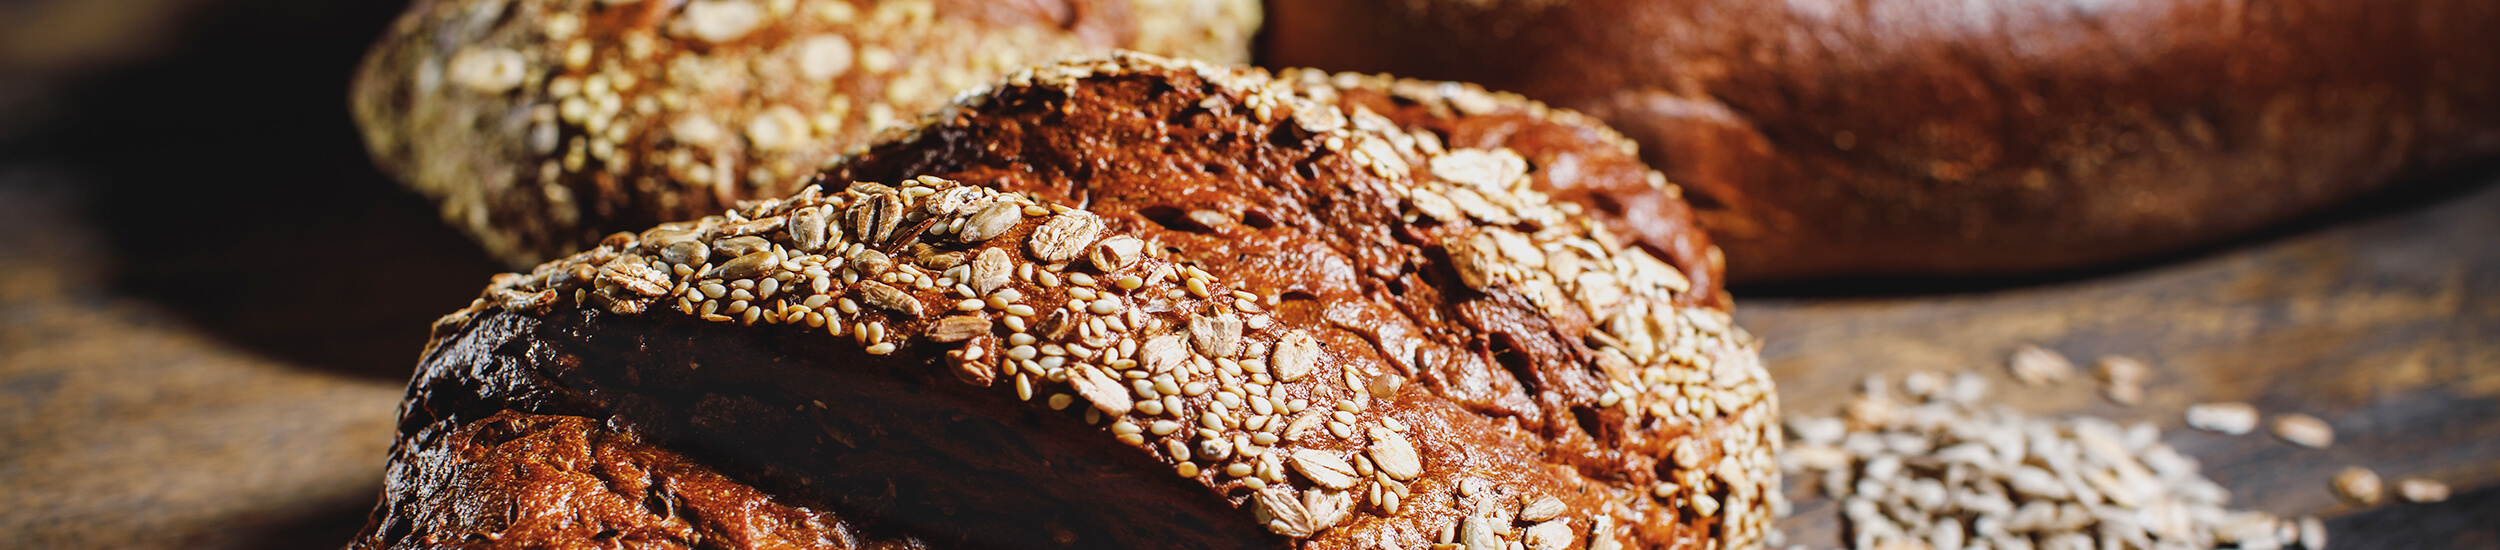 Bäckerei Illgen - Brote